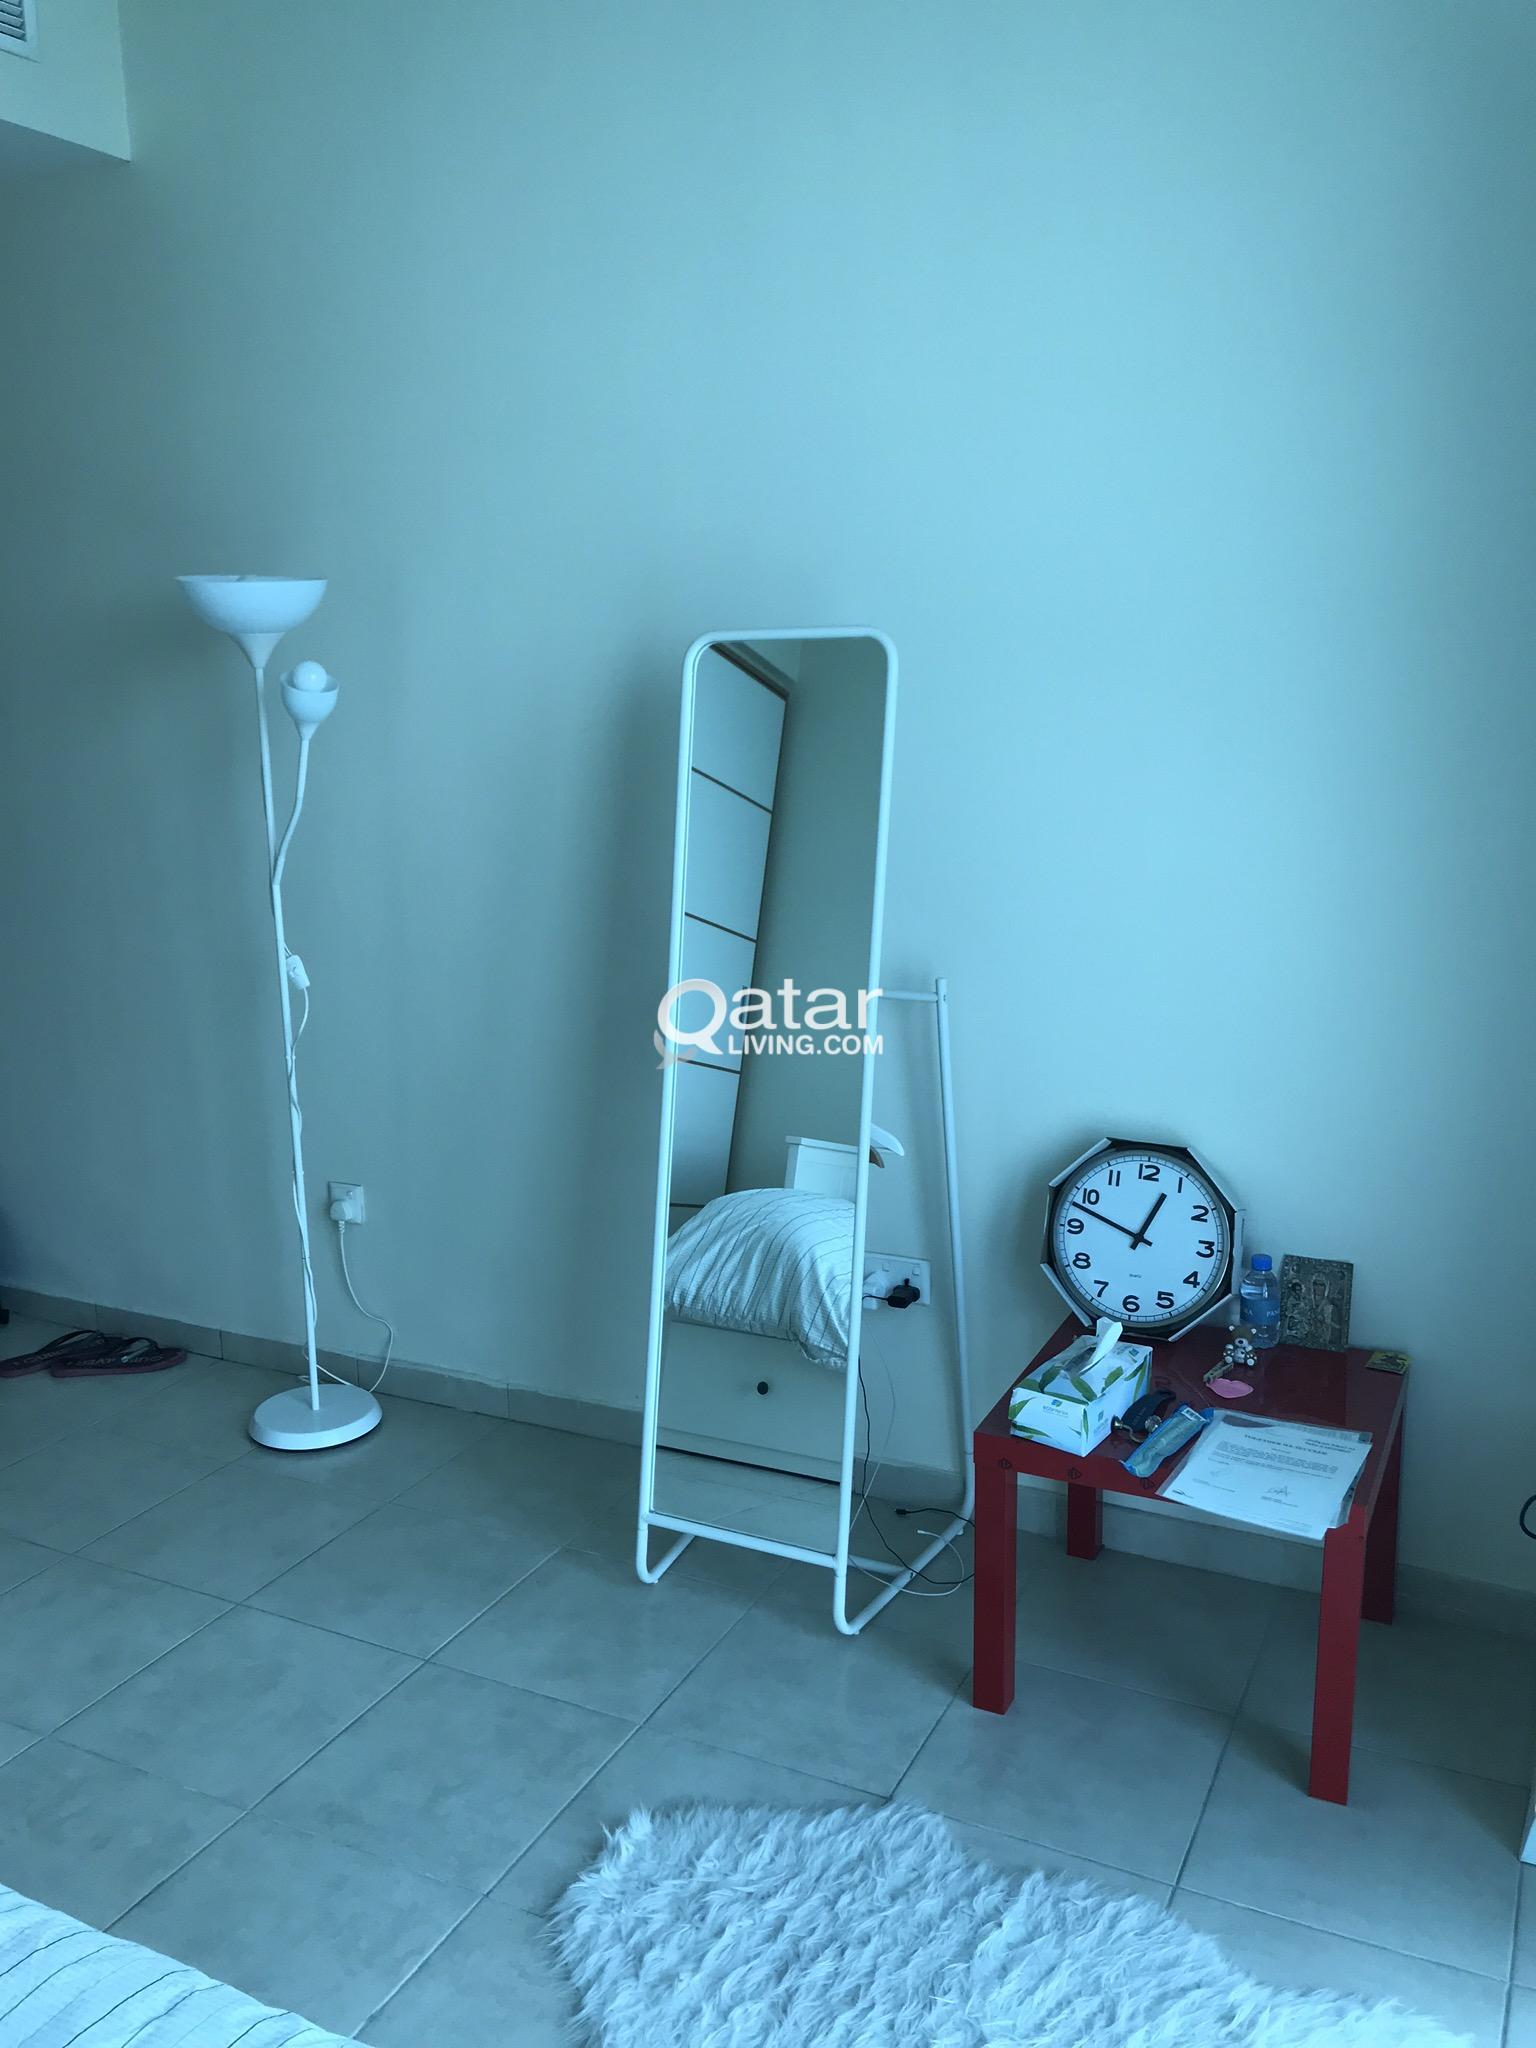 Ikea Knapper Standing Mirror White Floor Light Qatar Living